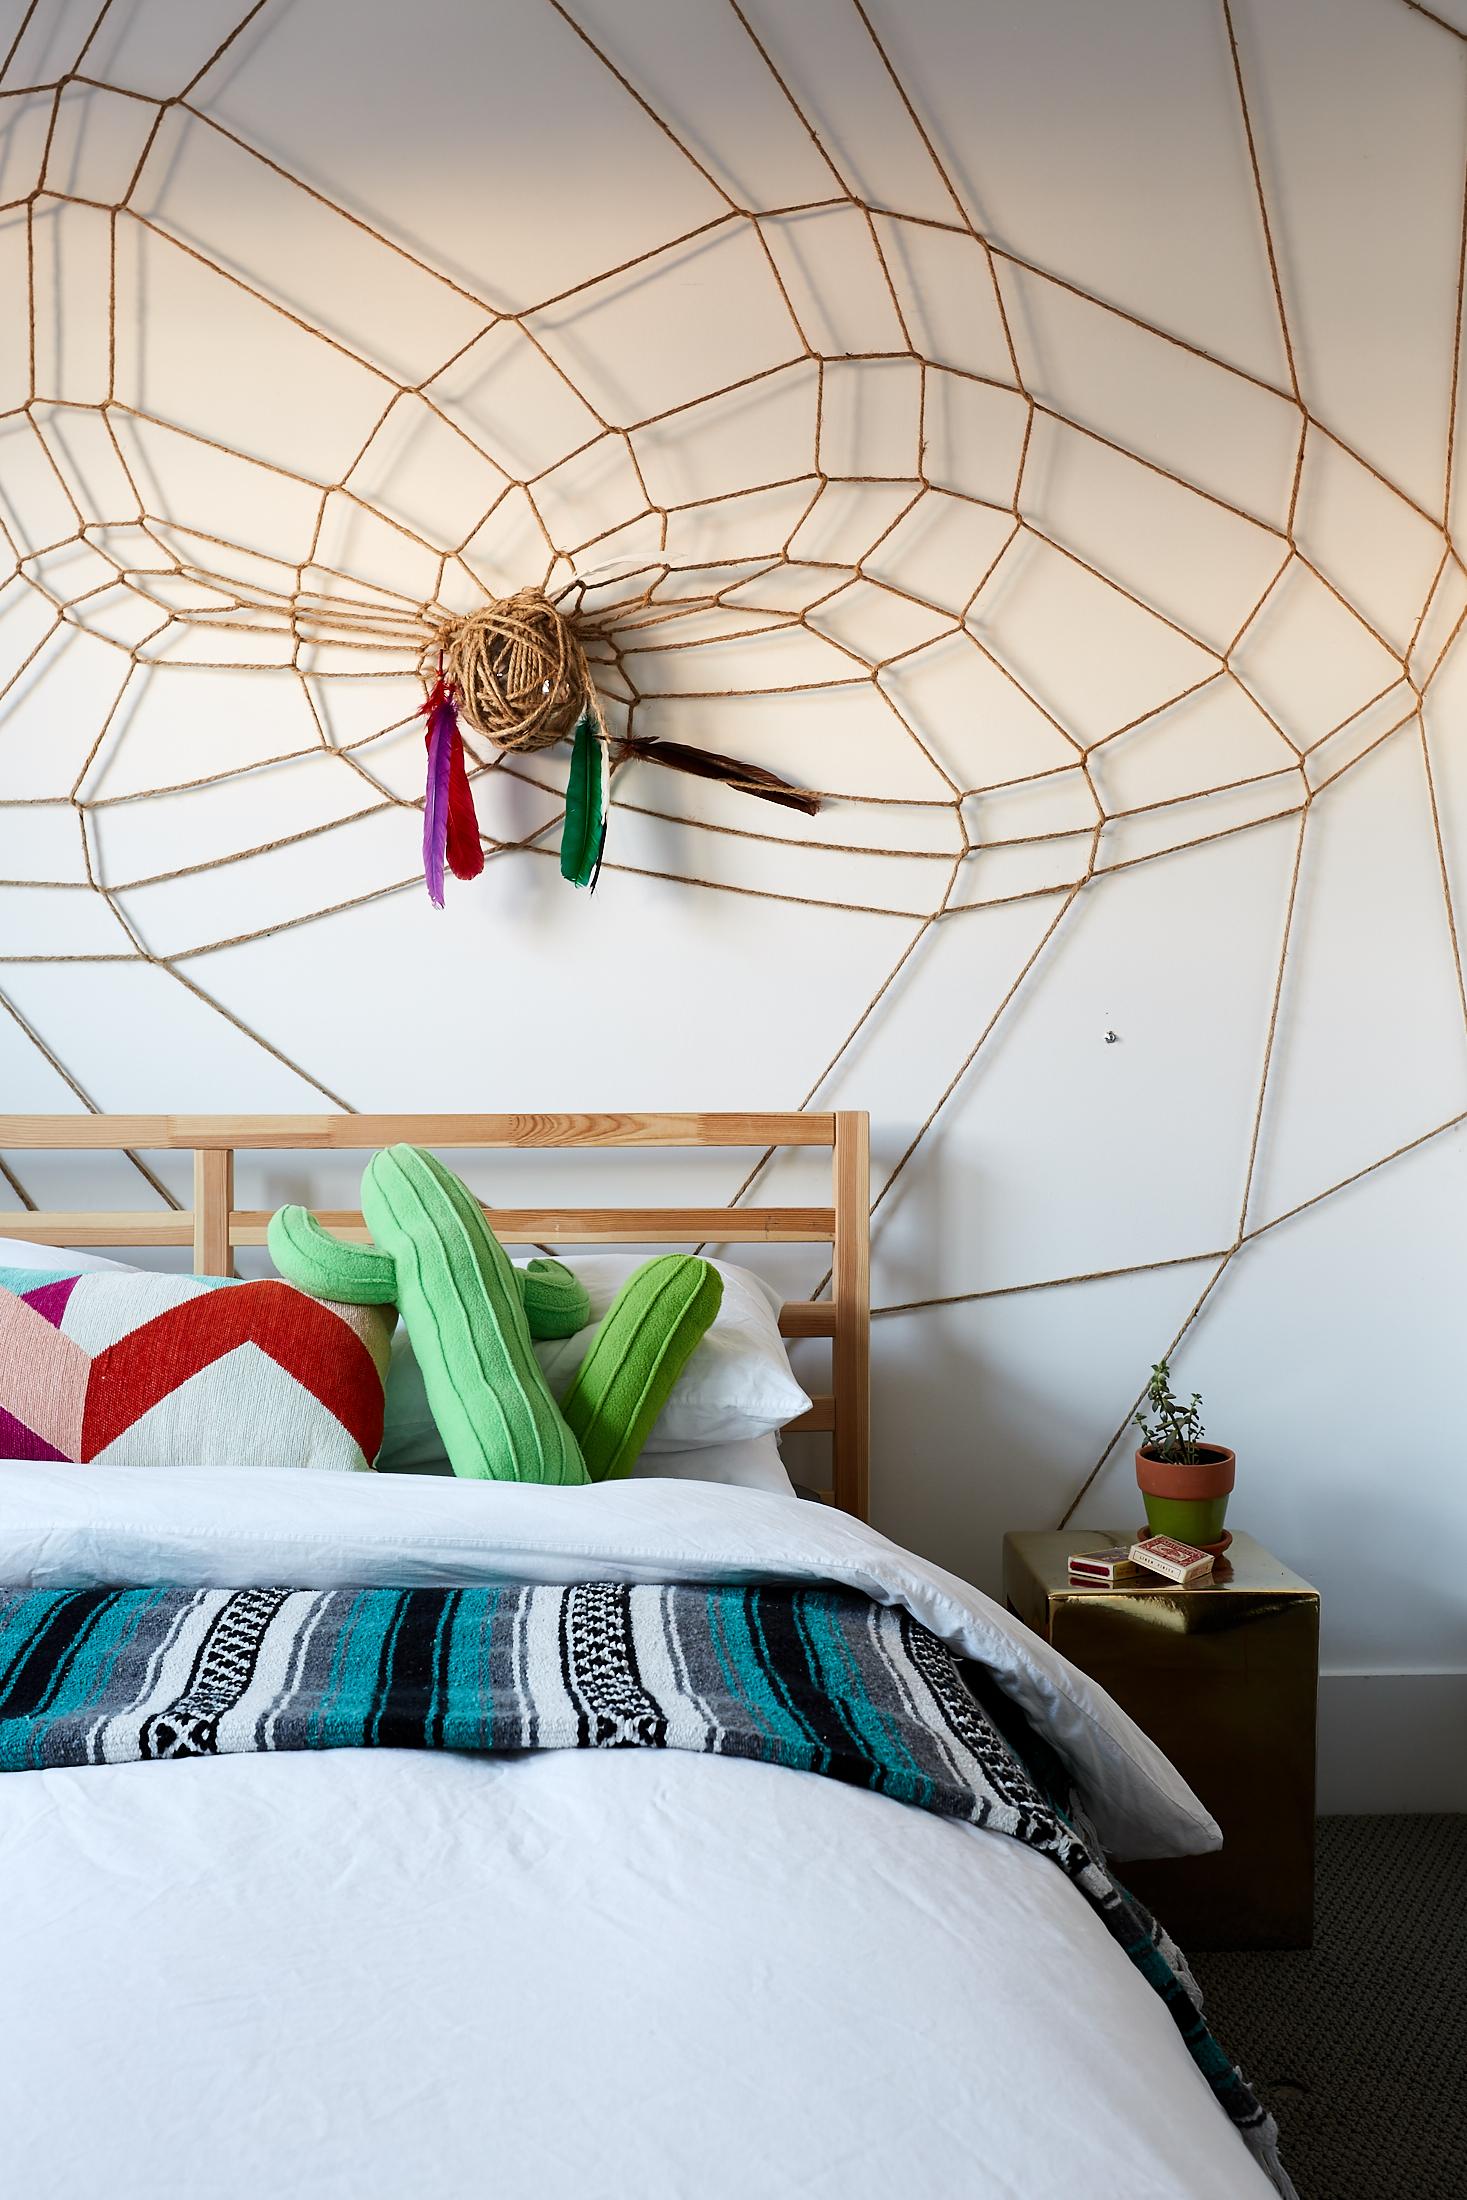 El_Motel_Bedroom_765.jpg